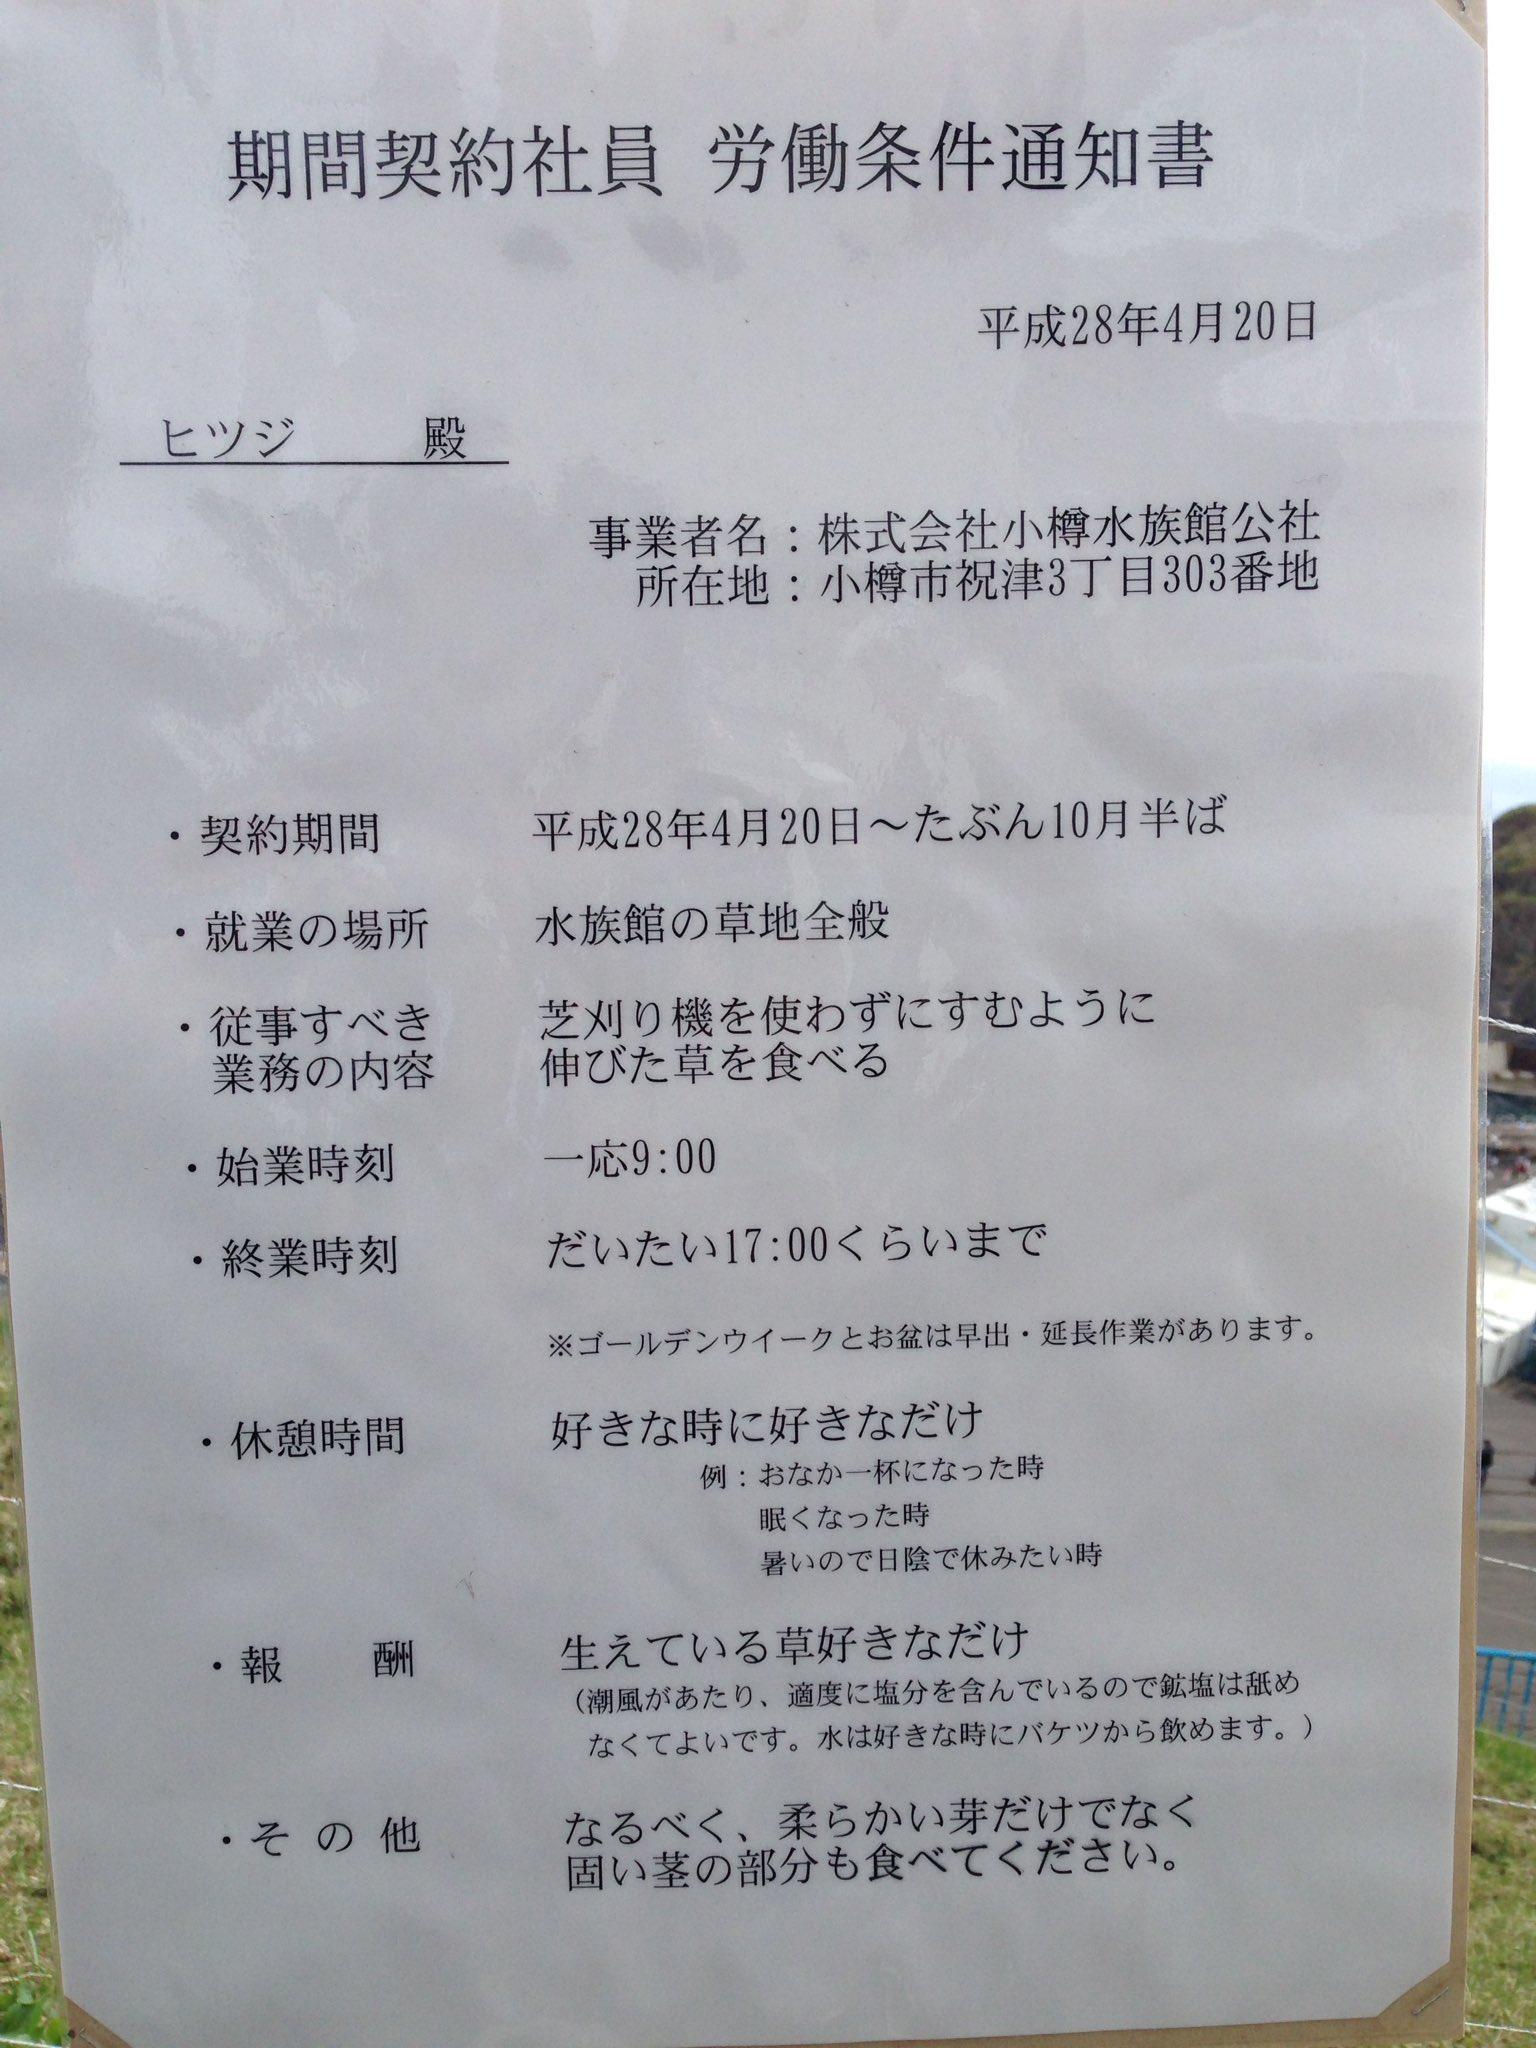 家族サービスで小樽水族館に行ったら羊が草食っててさ 見たら労働条件が掲載されててコーヒー噴いた